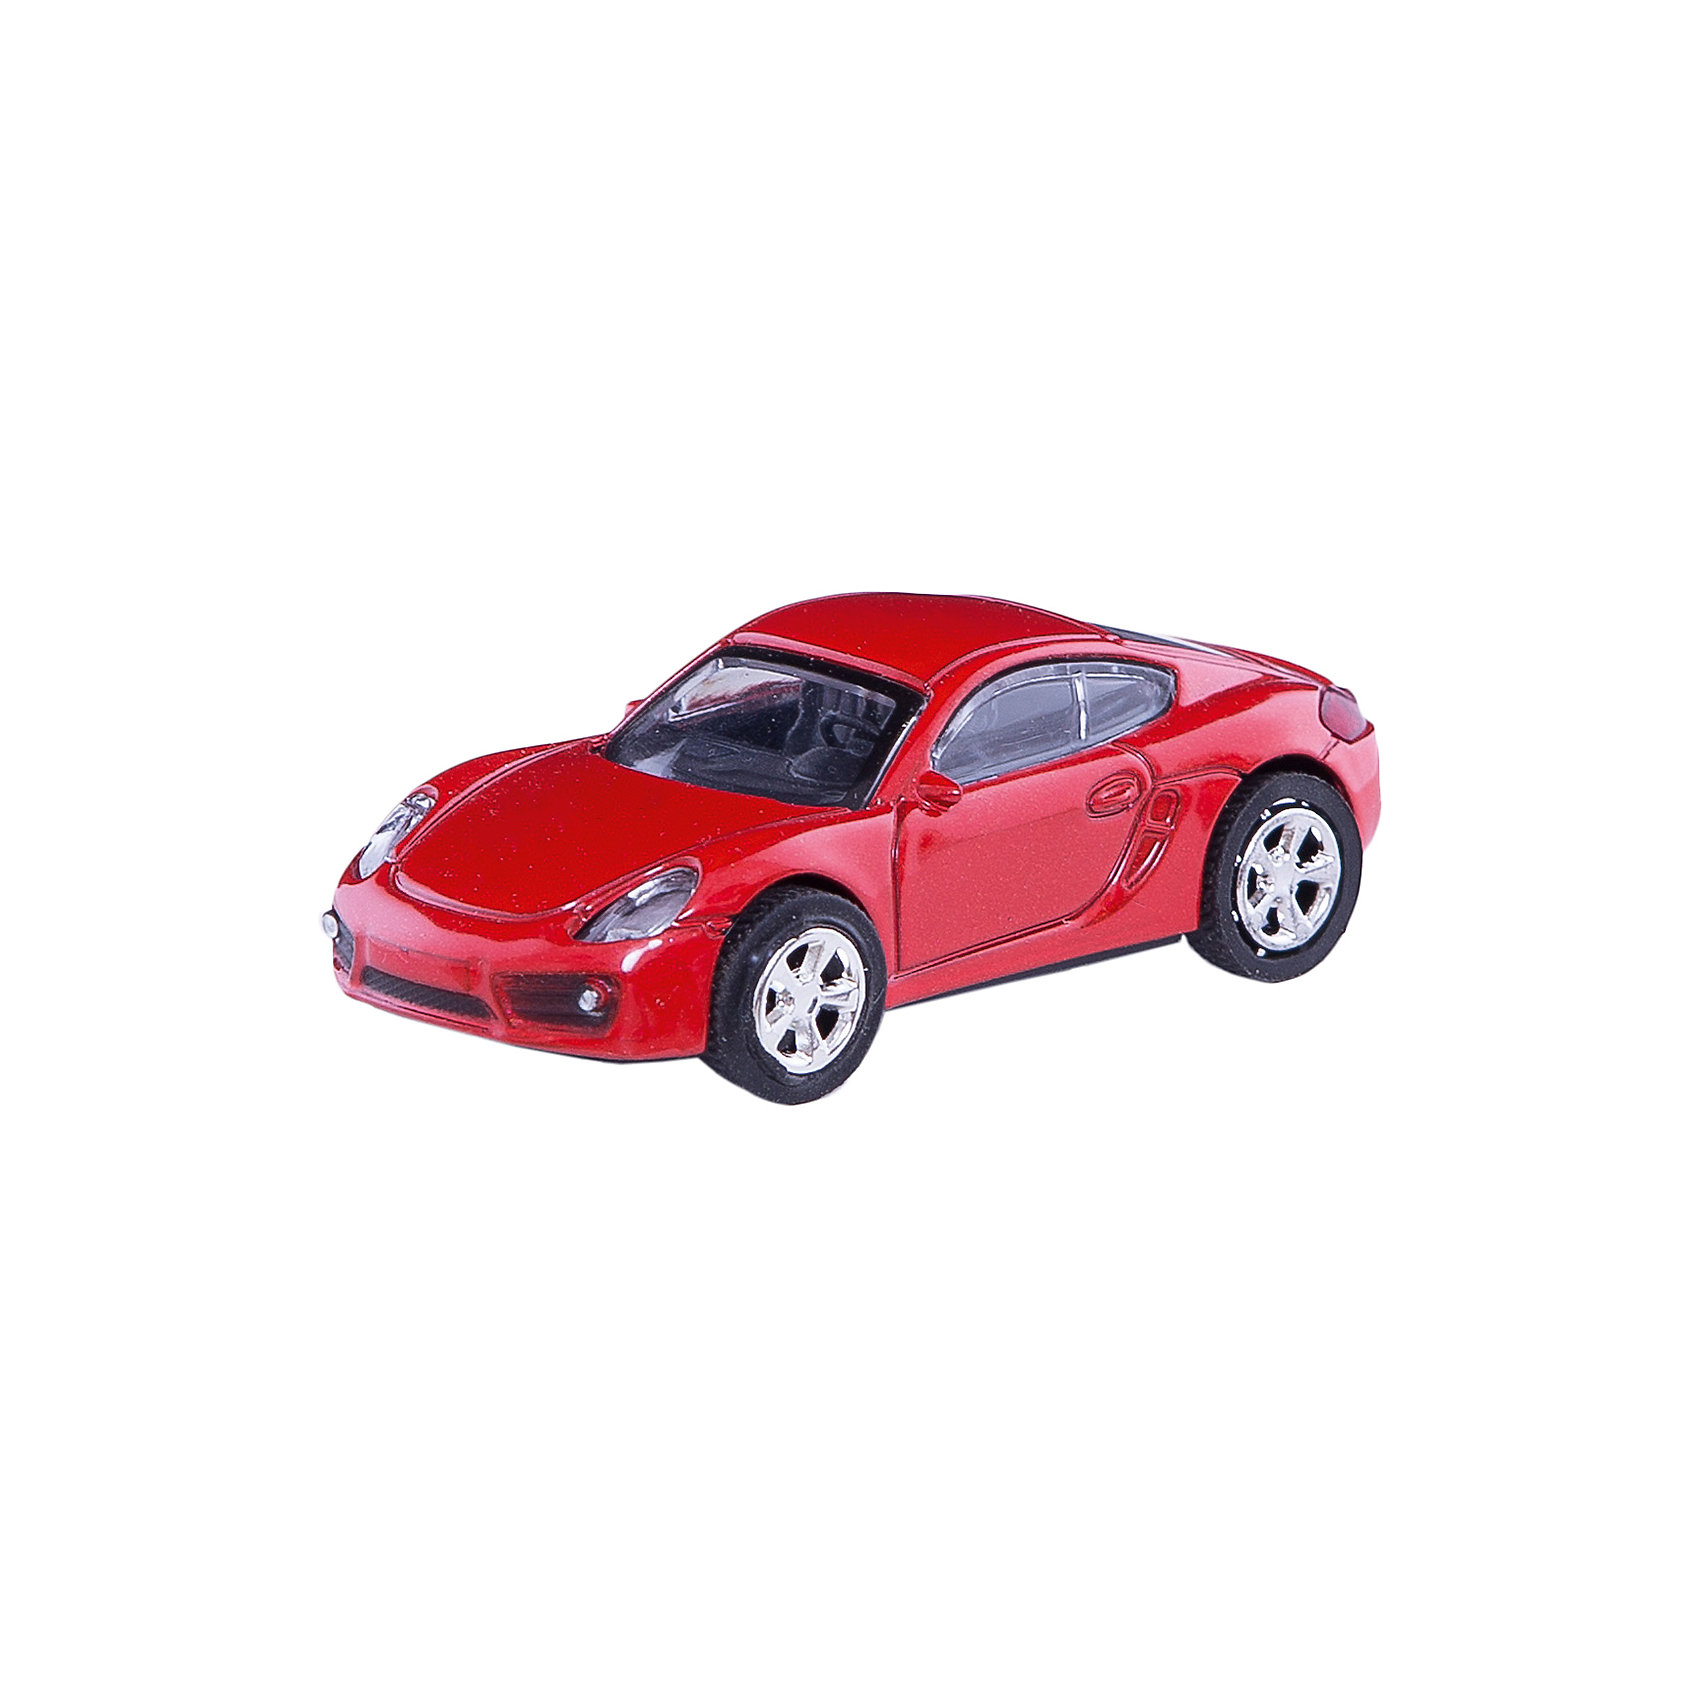 Машинка Germany Sport Coupe со светом фар 1:43, AutotimeМашинки<br>Характеристики товара:<br><br>• цвет: белый<br>• материал: металл, пластик<br>• размер упаковки: 15х6х7 см<br>• батарейки входят в комплект<br>• вес: 100 г<br>• масштаб: 1:48<br>• световые эффекты<br>• инерционный механизм<br>• хорошая детализация<br>• упаковка: коробка<br>• прочный материал<br>• страна бренда: Россия<br>• страна производства: Китай<br><br>Такая машинка приведет мальчишек в восторг! Она отлично детализирована и так похожа на настоящую. С подобной игрушкой можно придумать множество сюжетов для игр. Благодаря прочному материалу она сможет долго радовать ребенка.<br><br>Машинка может выполнять сразу несколько функций: развлекать ребенка, помогать вырабатывать практические качества: ловкость, координацию, мелкую моторику. Также в процессе увлекательной игры развивается фантазия ребенка. Изделие выполнено из сертифицированных материалов, безопасных для детей.<br><br>Машинку Germany Sport Coupe со светом фар 1:43 от бренда AUTOTIME можно купить в нашем интернет-магазине.<br><br>Ширина мм: 165<br>Глубина мм: 57<br>Высота мм: 75<br>Вес г: 13<br>Возраст от месяцев: 36<br>Возраст до месяцев: 2147483647<br>Пол: Мужской<br>Возраст: Детский<br>SKU: 5584034